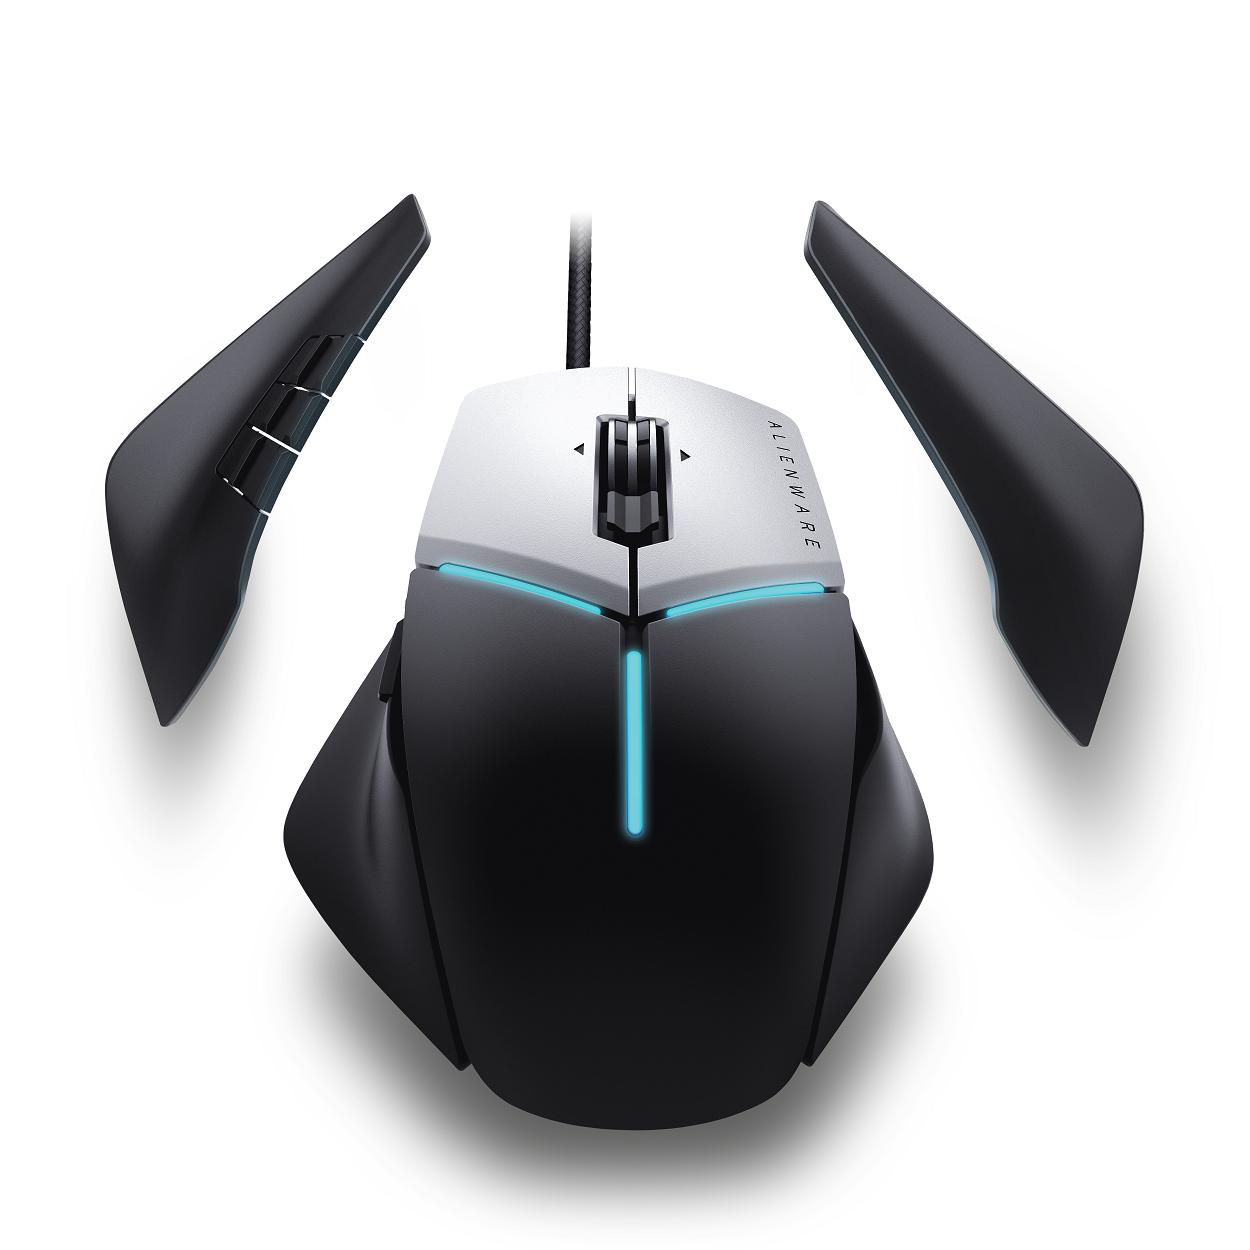 Alienware AW958 Elite Gaming Mouse I3D Treiber Windows XP